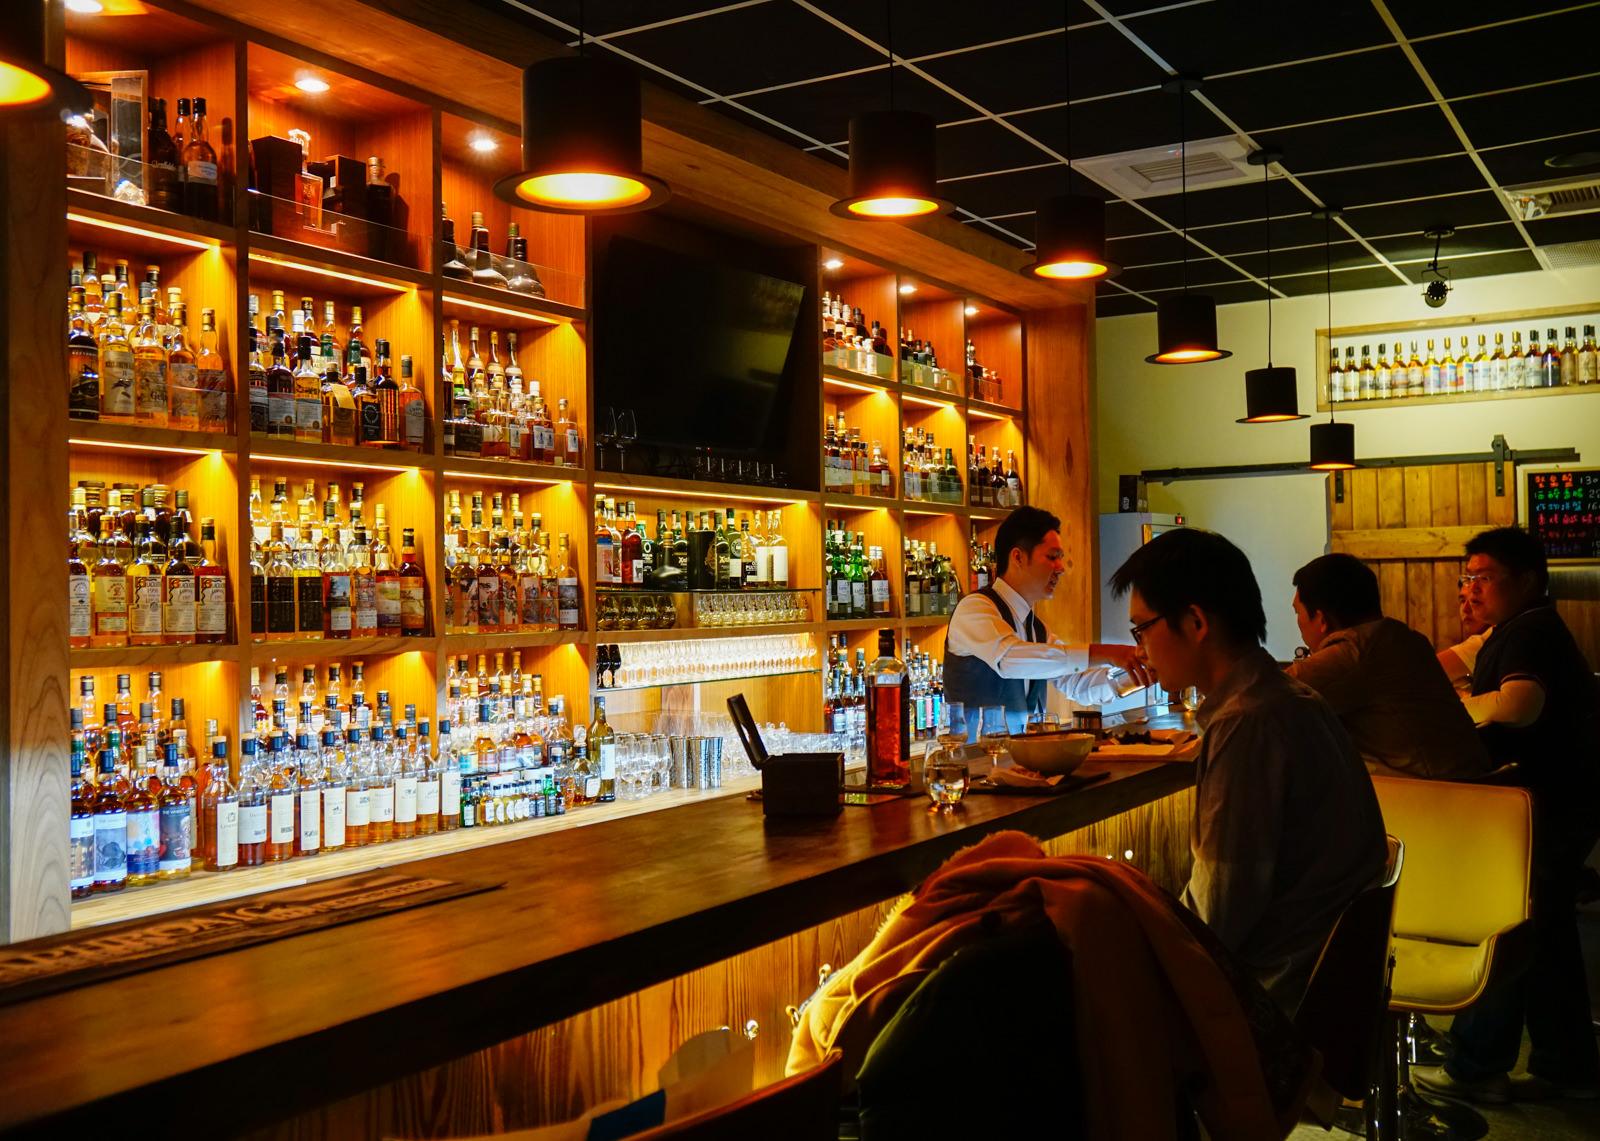 [高雄]醉俠威士忌酒館The Drunken Master BAR-外國人也愛!酒館隱藏版花雕雞麵 高雄威士忌酒館推薦 @美食好芃友